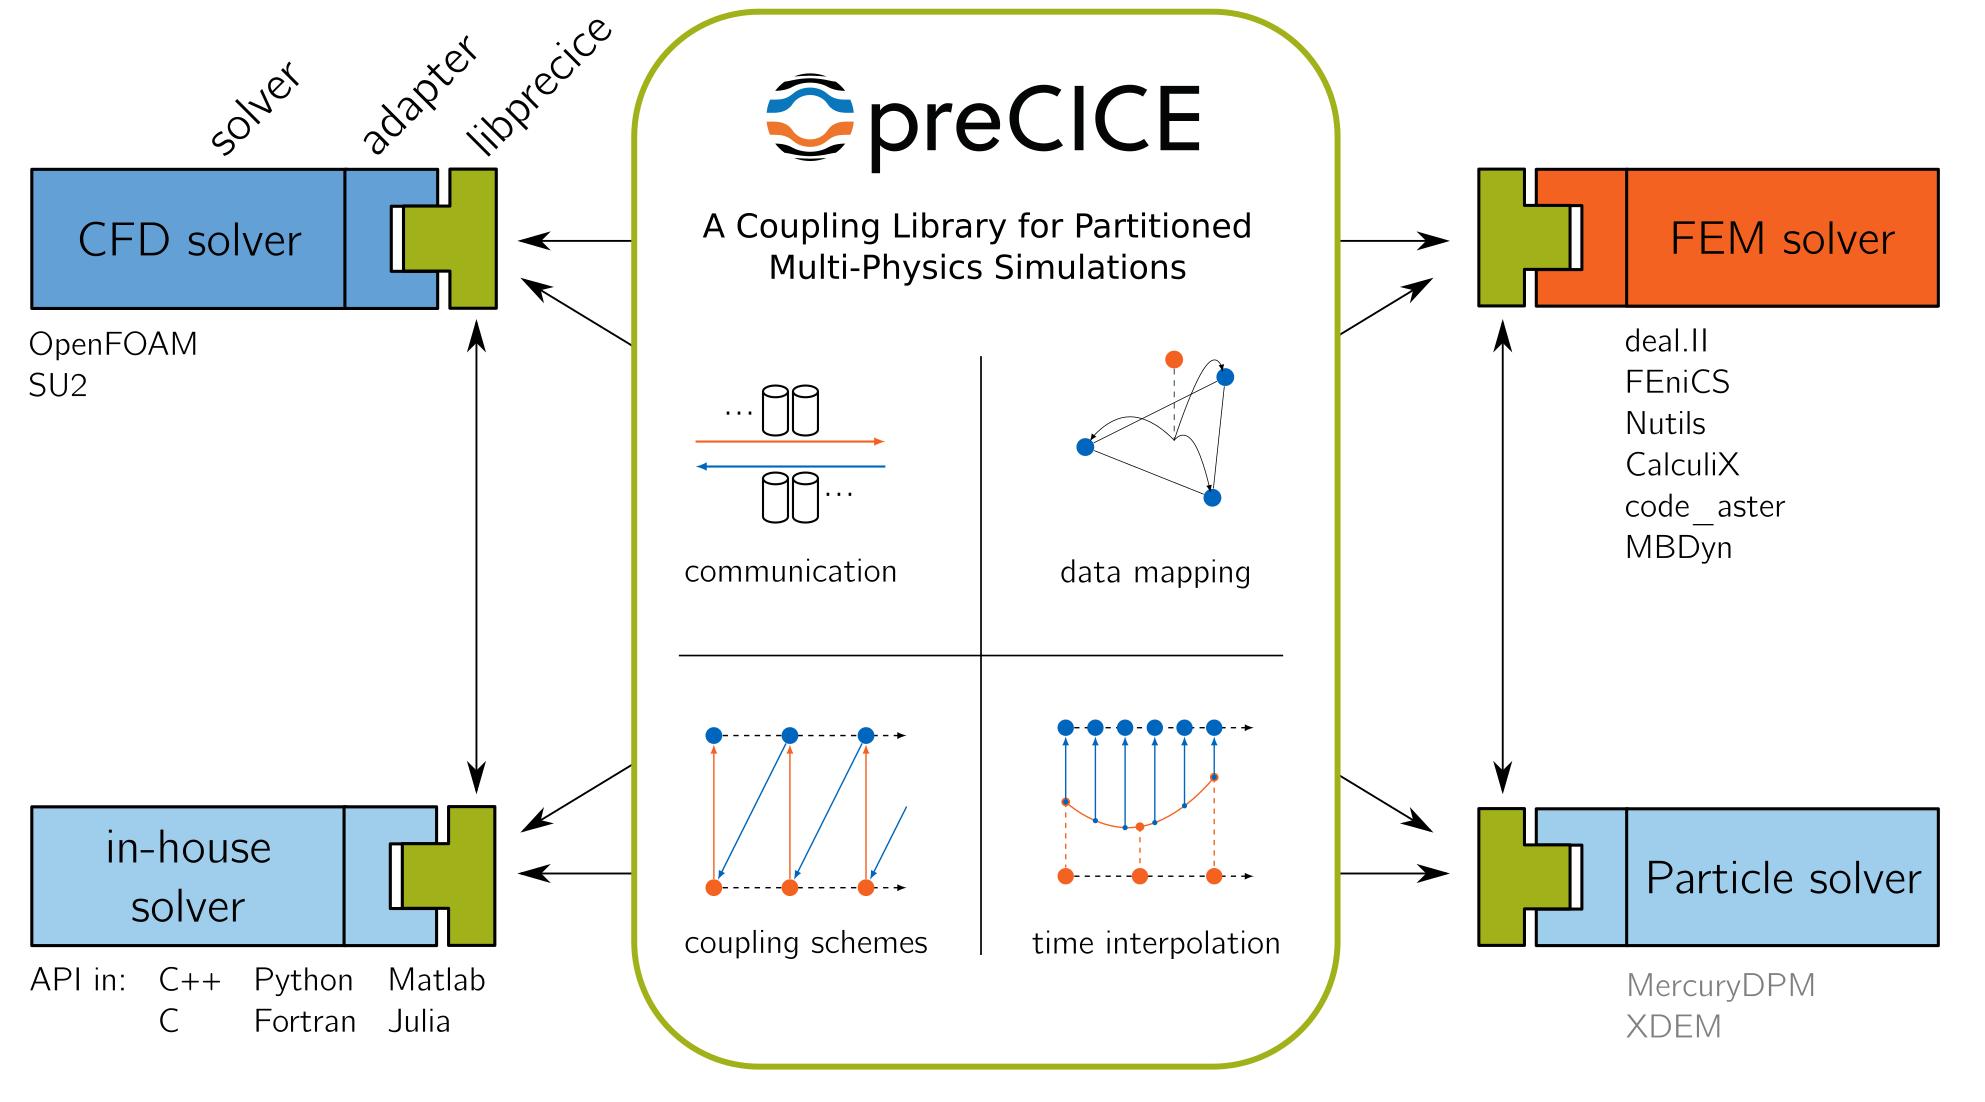 preCICE overview